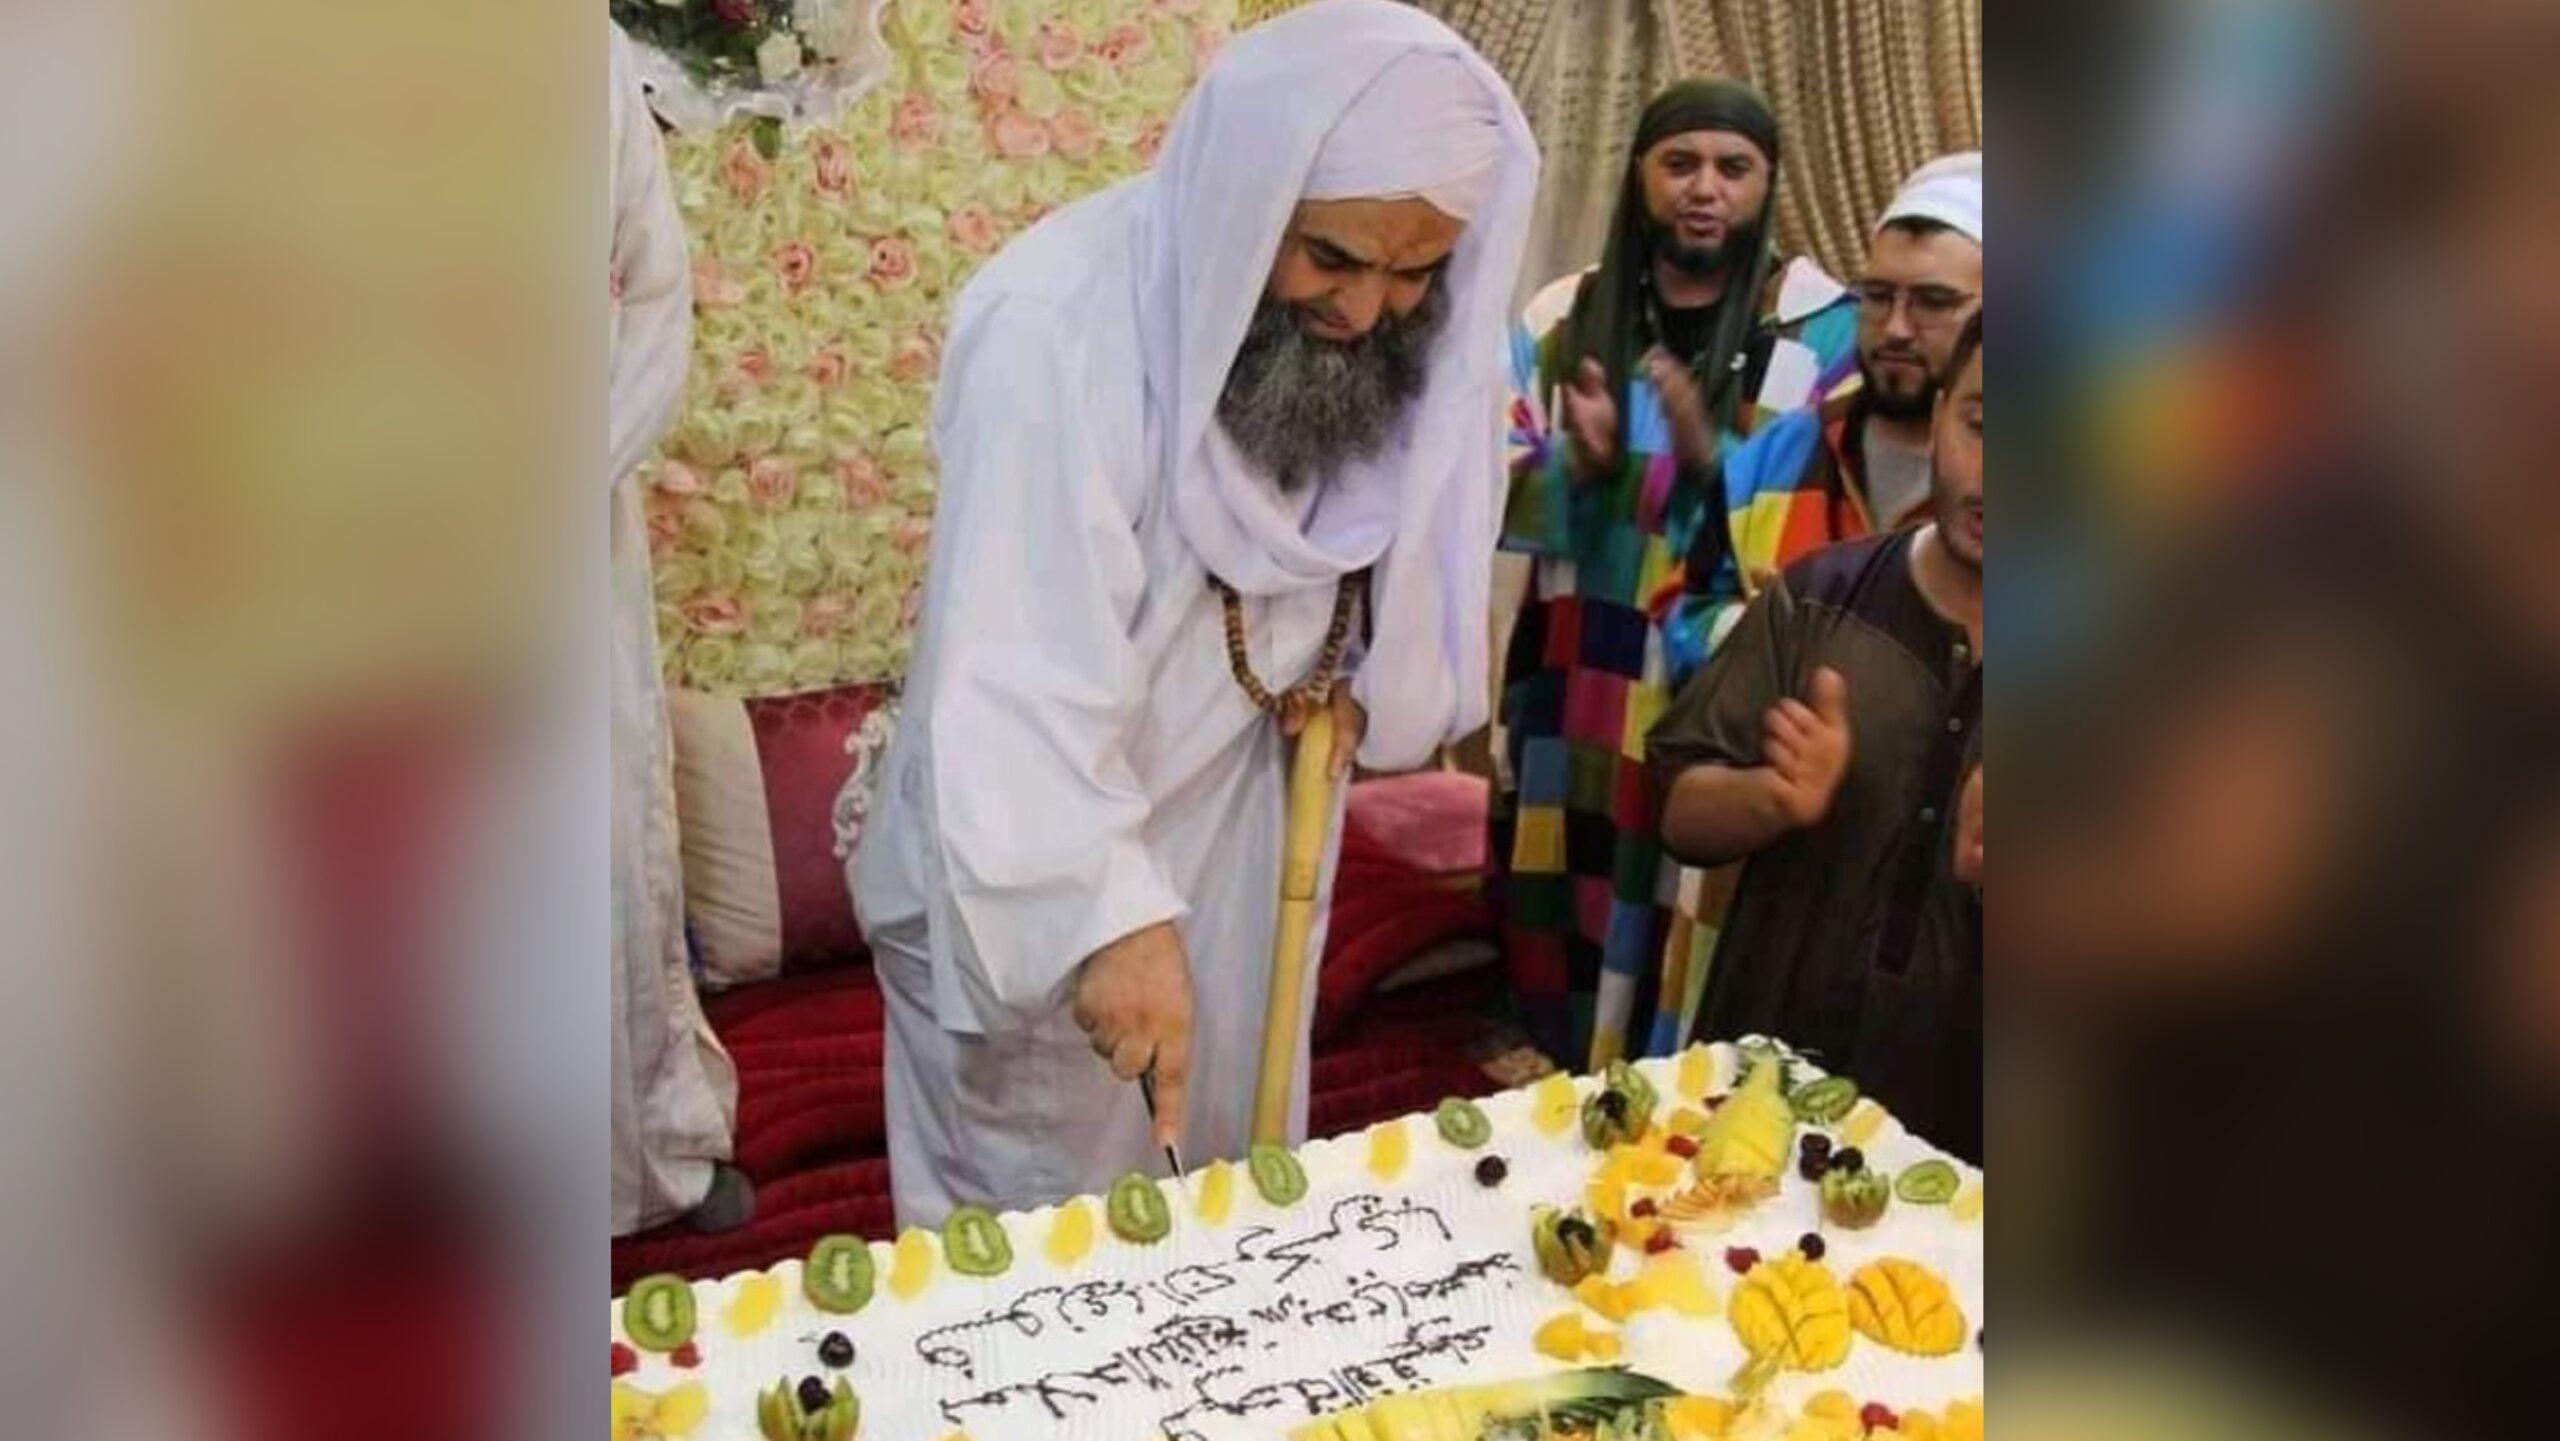 صورة الزاوية الكركرية تحتفل بعيد ميلاد شيخها بطنجة